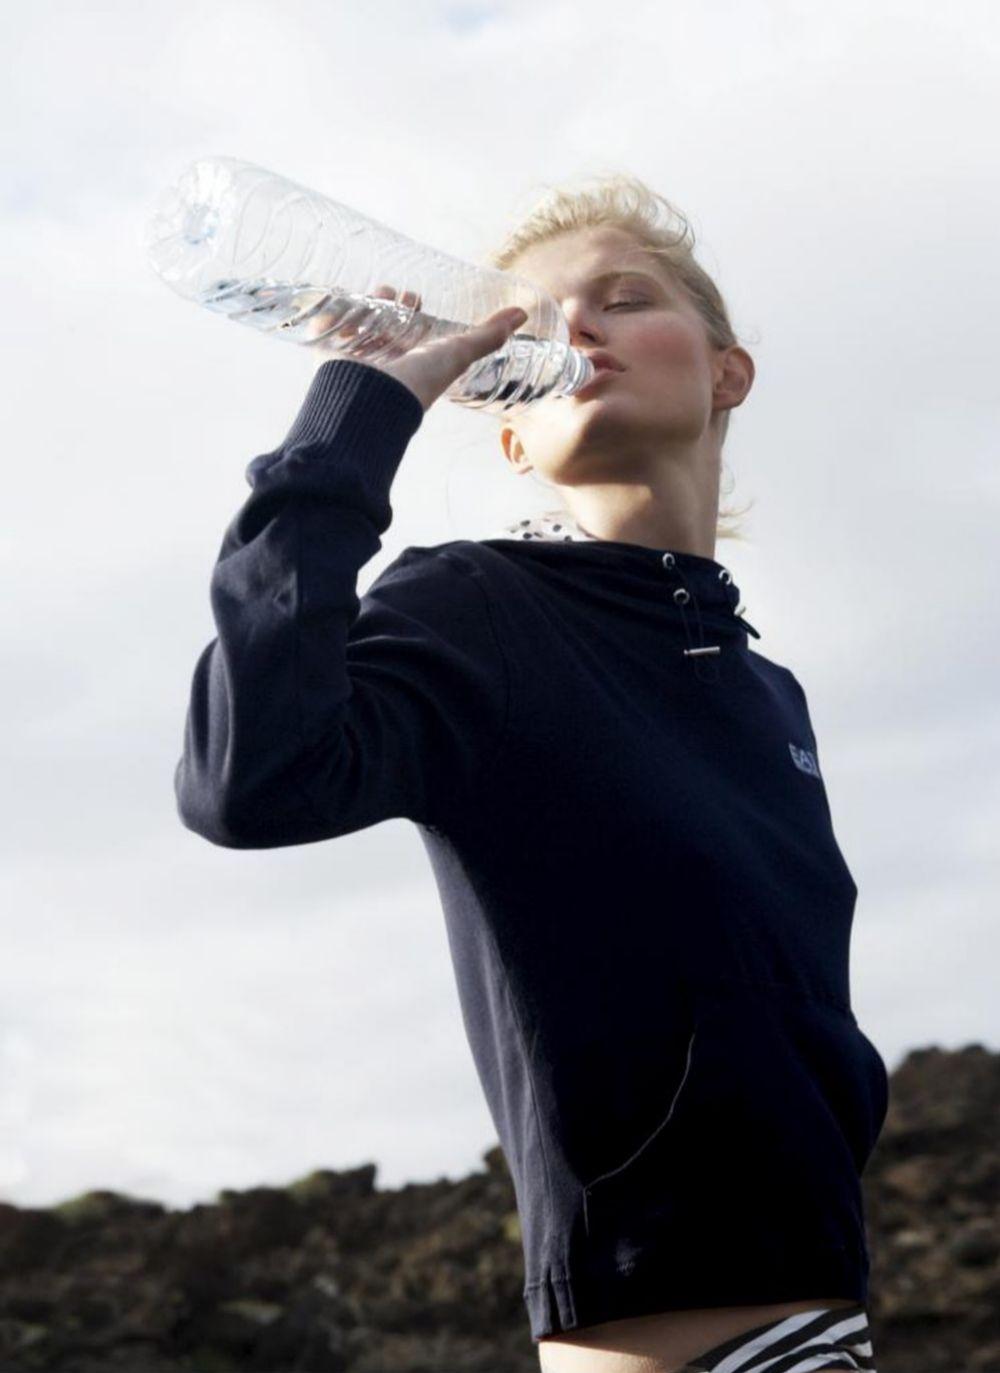 Bebe mucha agua, para estimular la diuresis y prevenir la retención de líquidos.